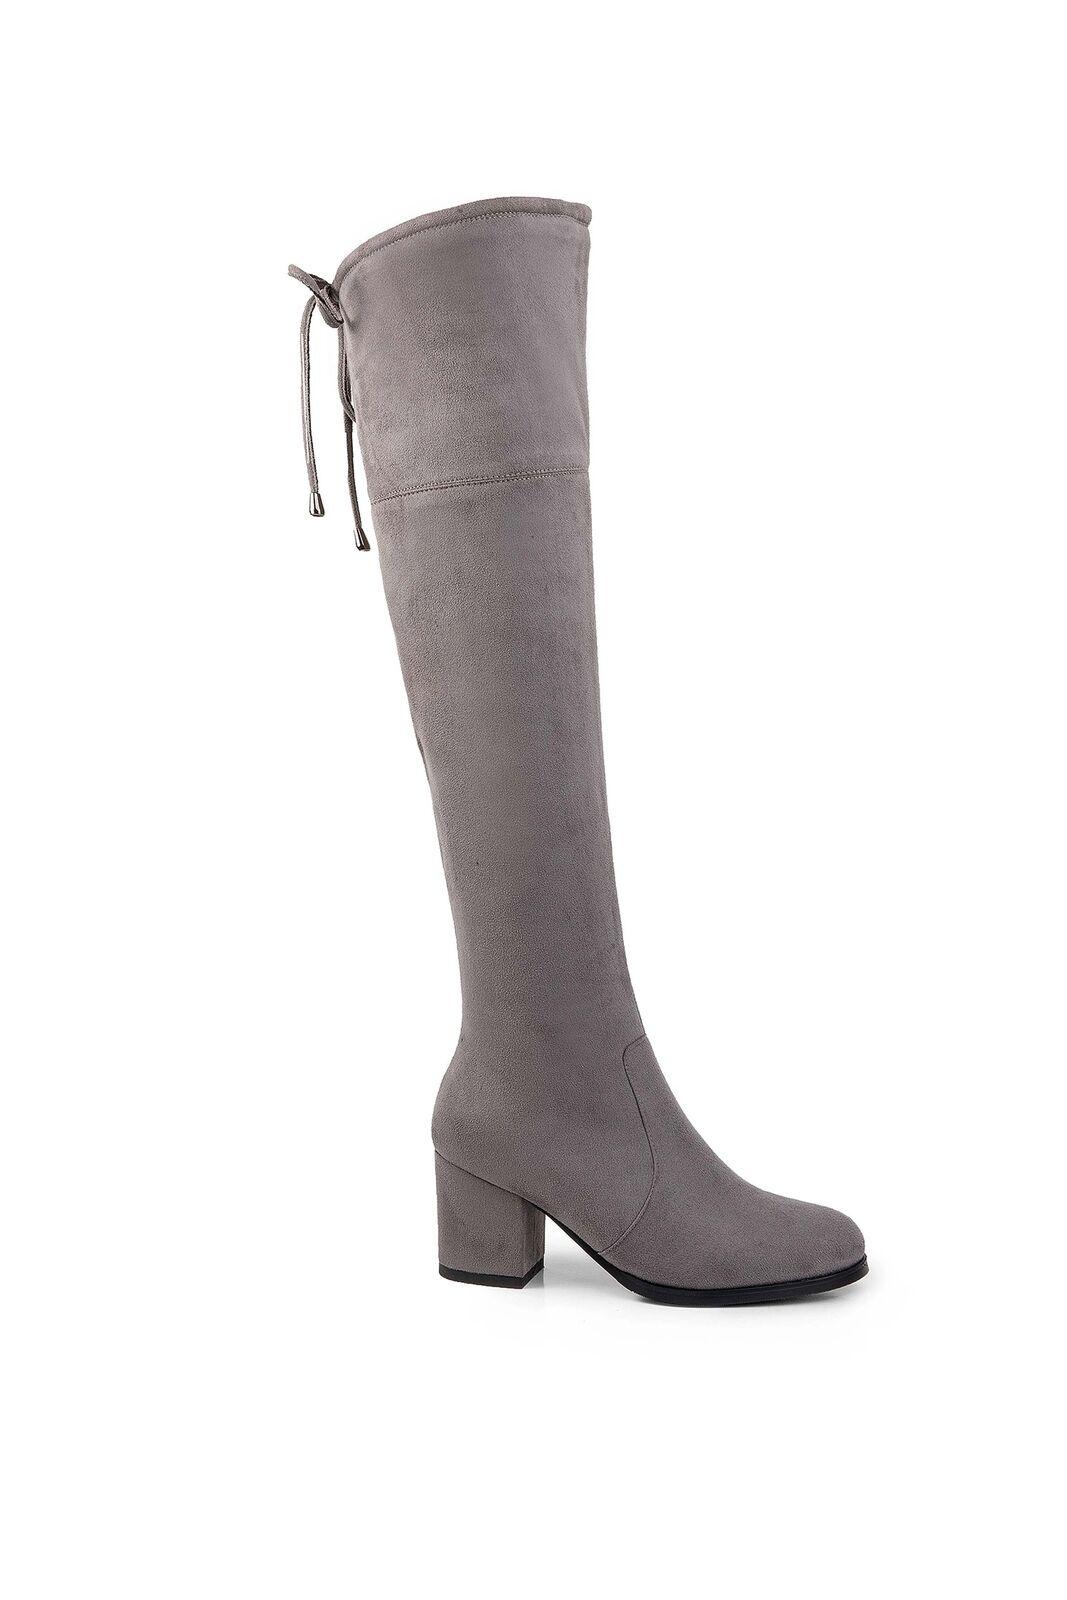 Ann Creek Mujer 'Delica' over-the-la rodilla botas Slouch